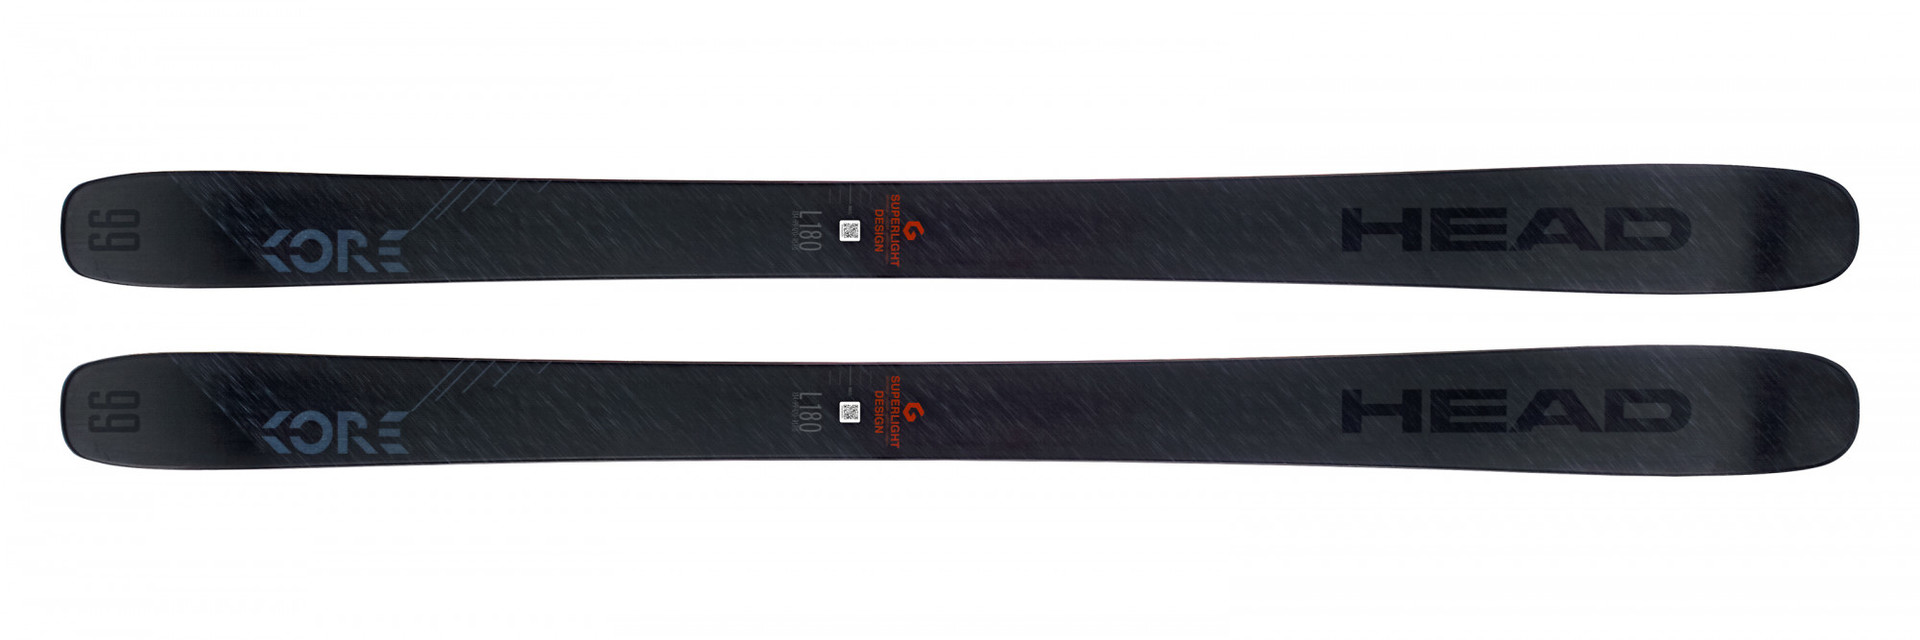 Горные лыжи Head Kore 99 размер 180 (2019)